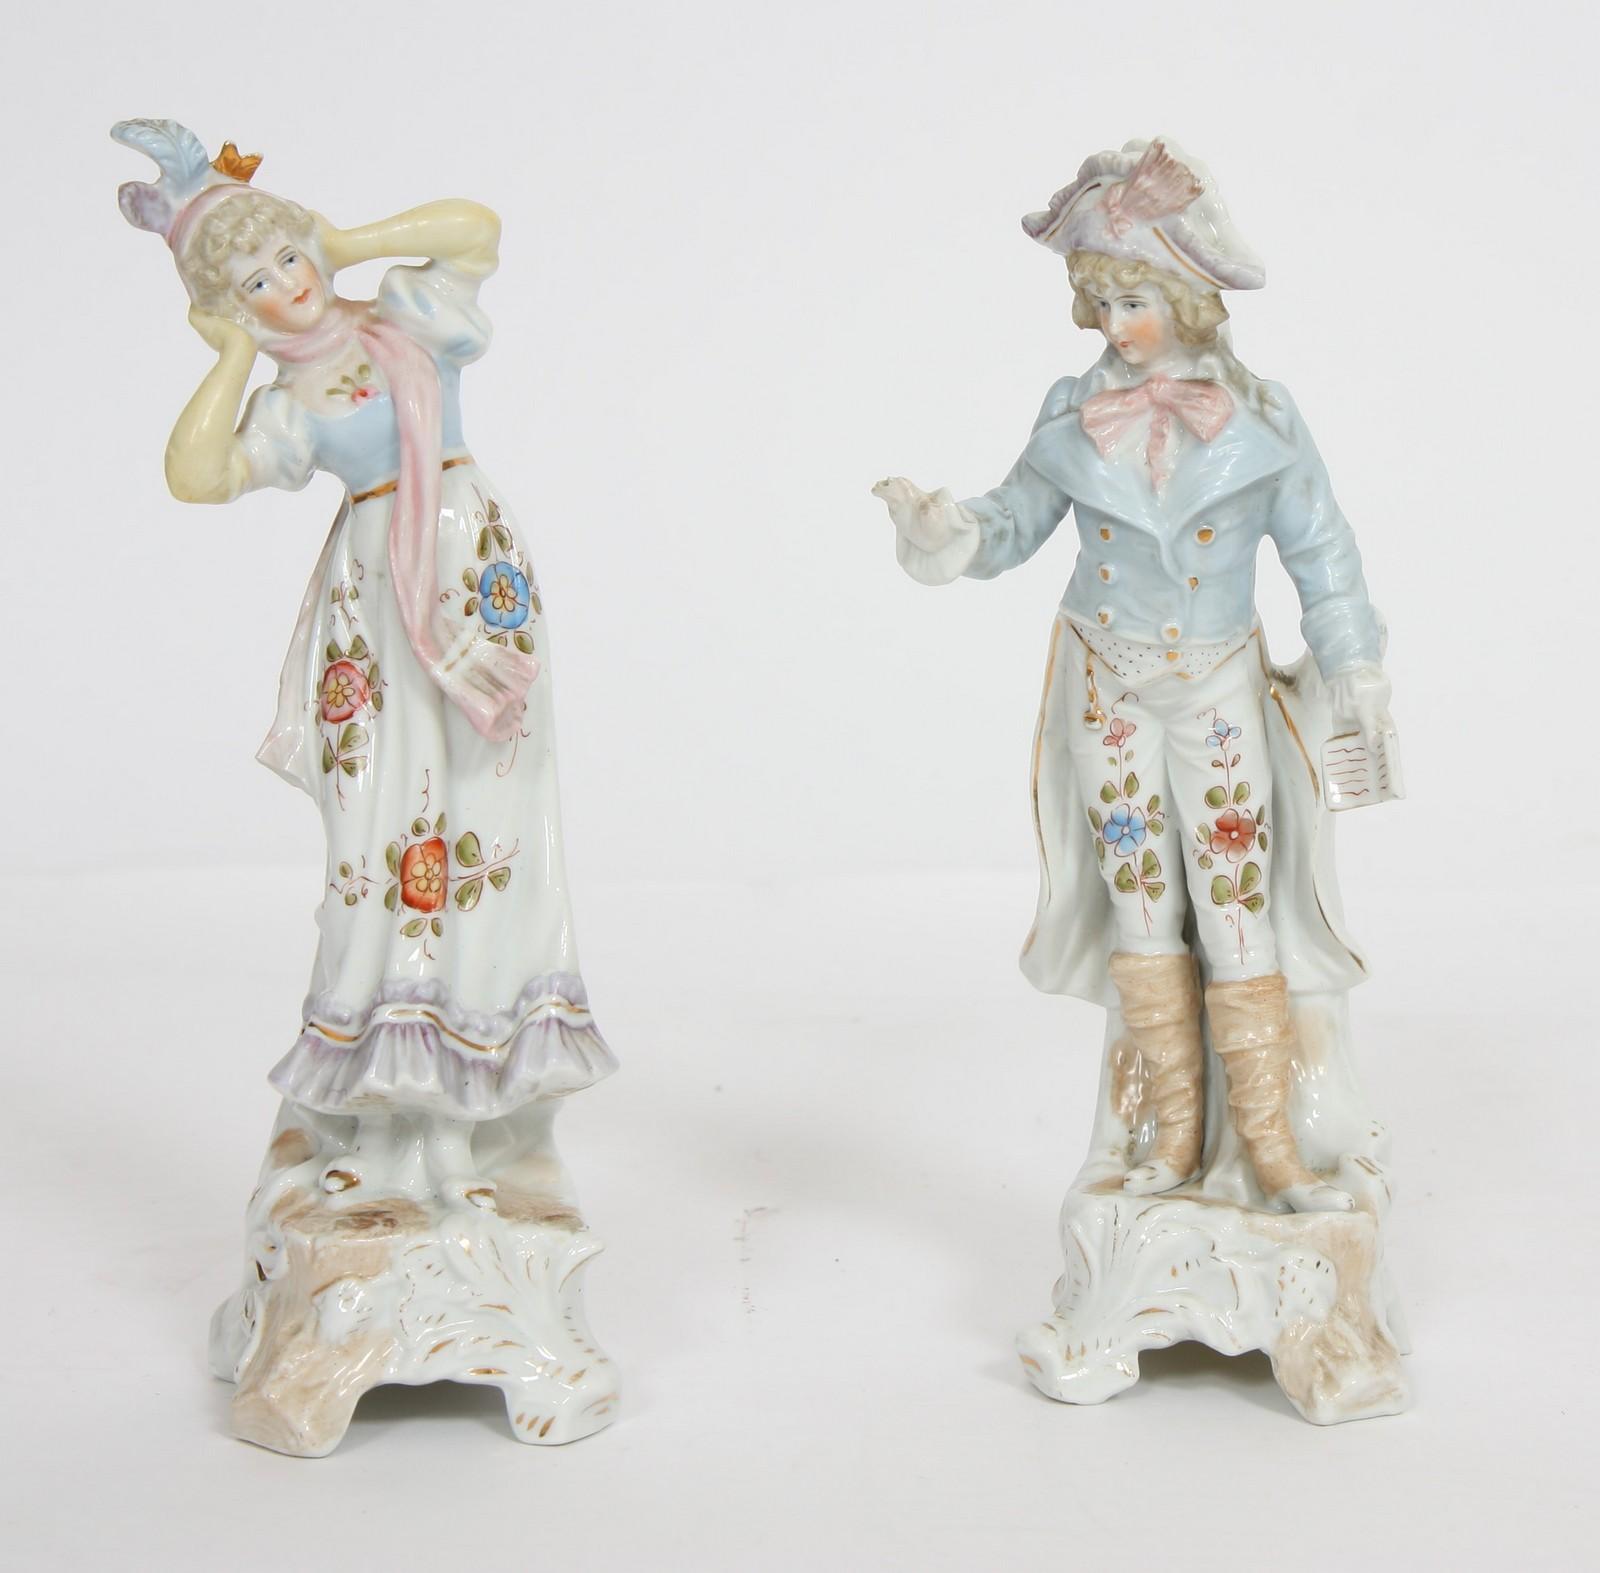 PAIRE DE STATUETTES EN PORCELAINE En porcelaine polychrome représentant un couple d'élégants du